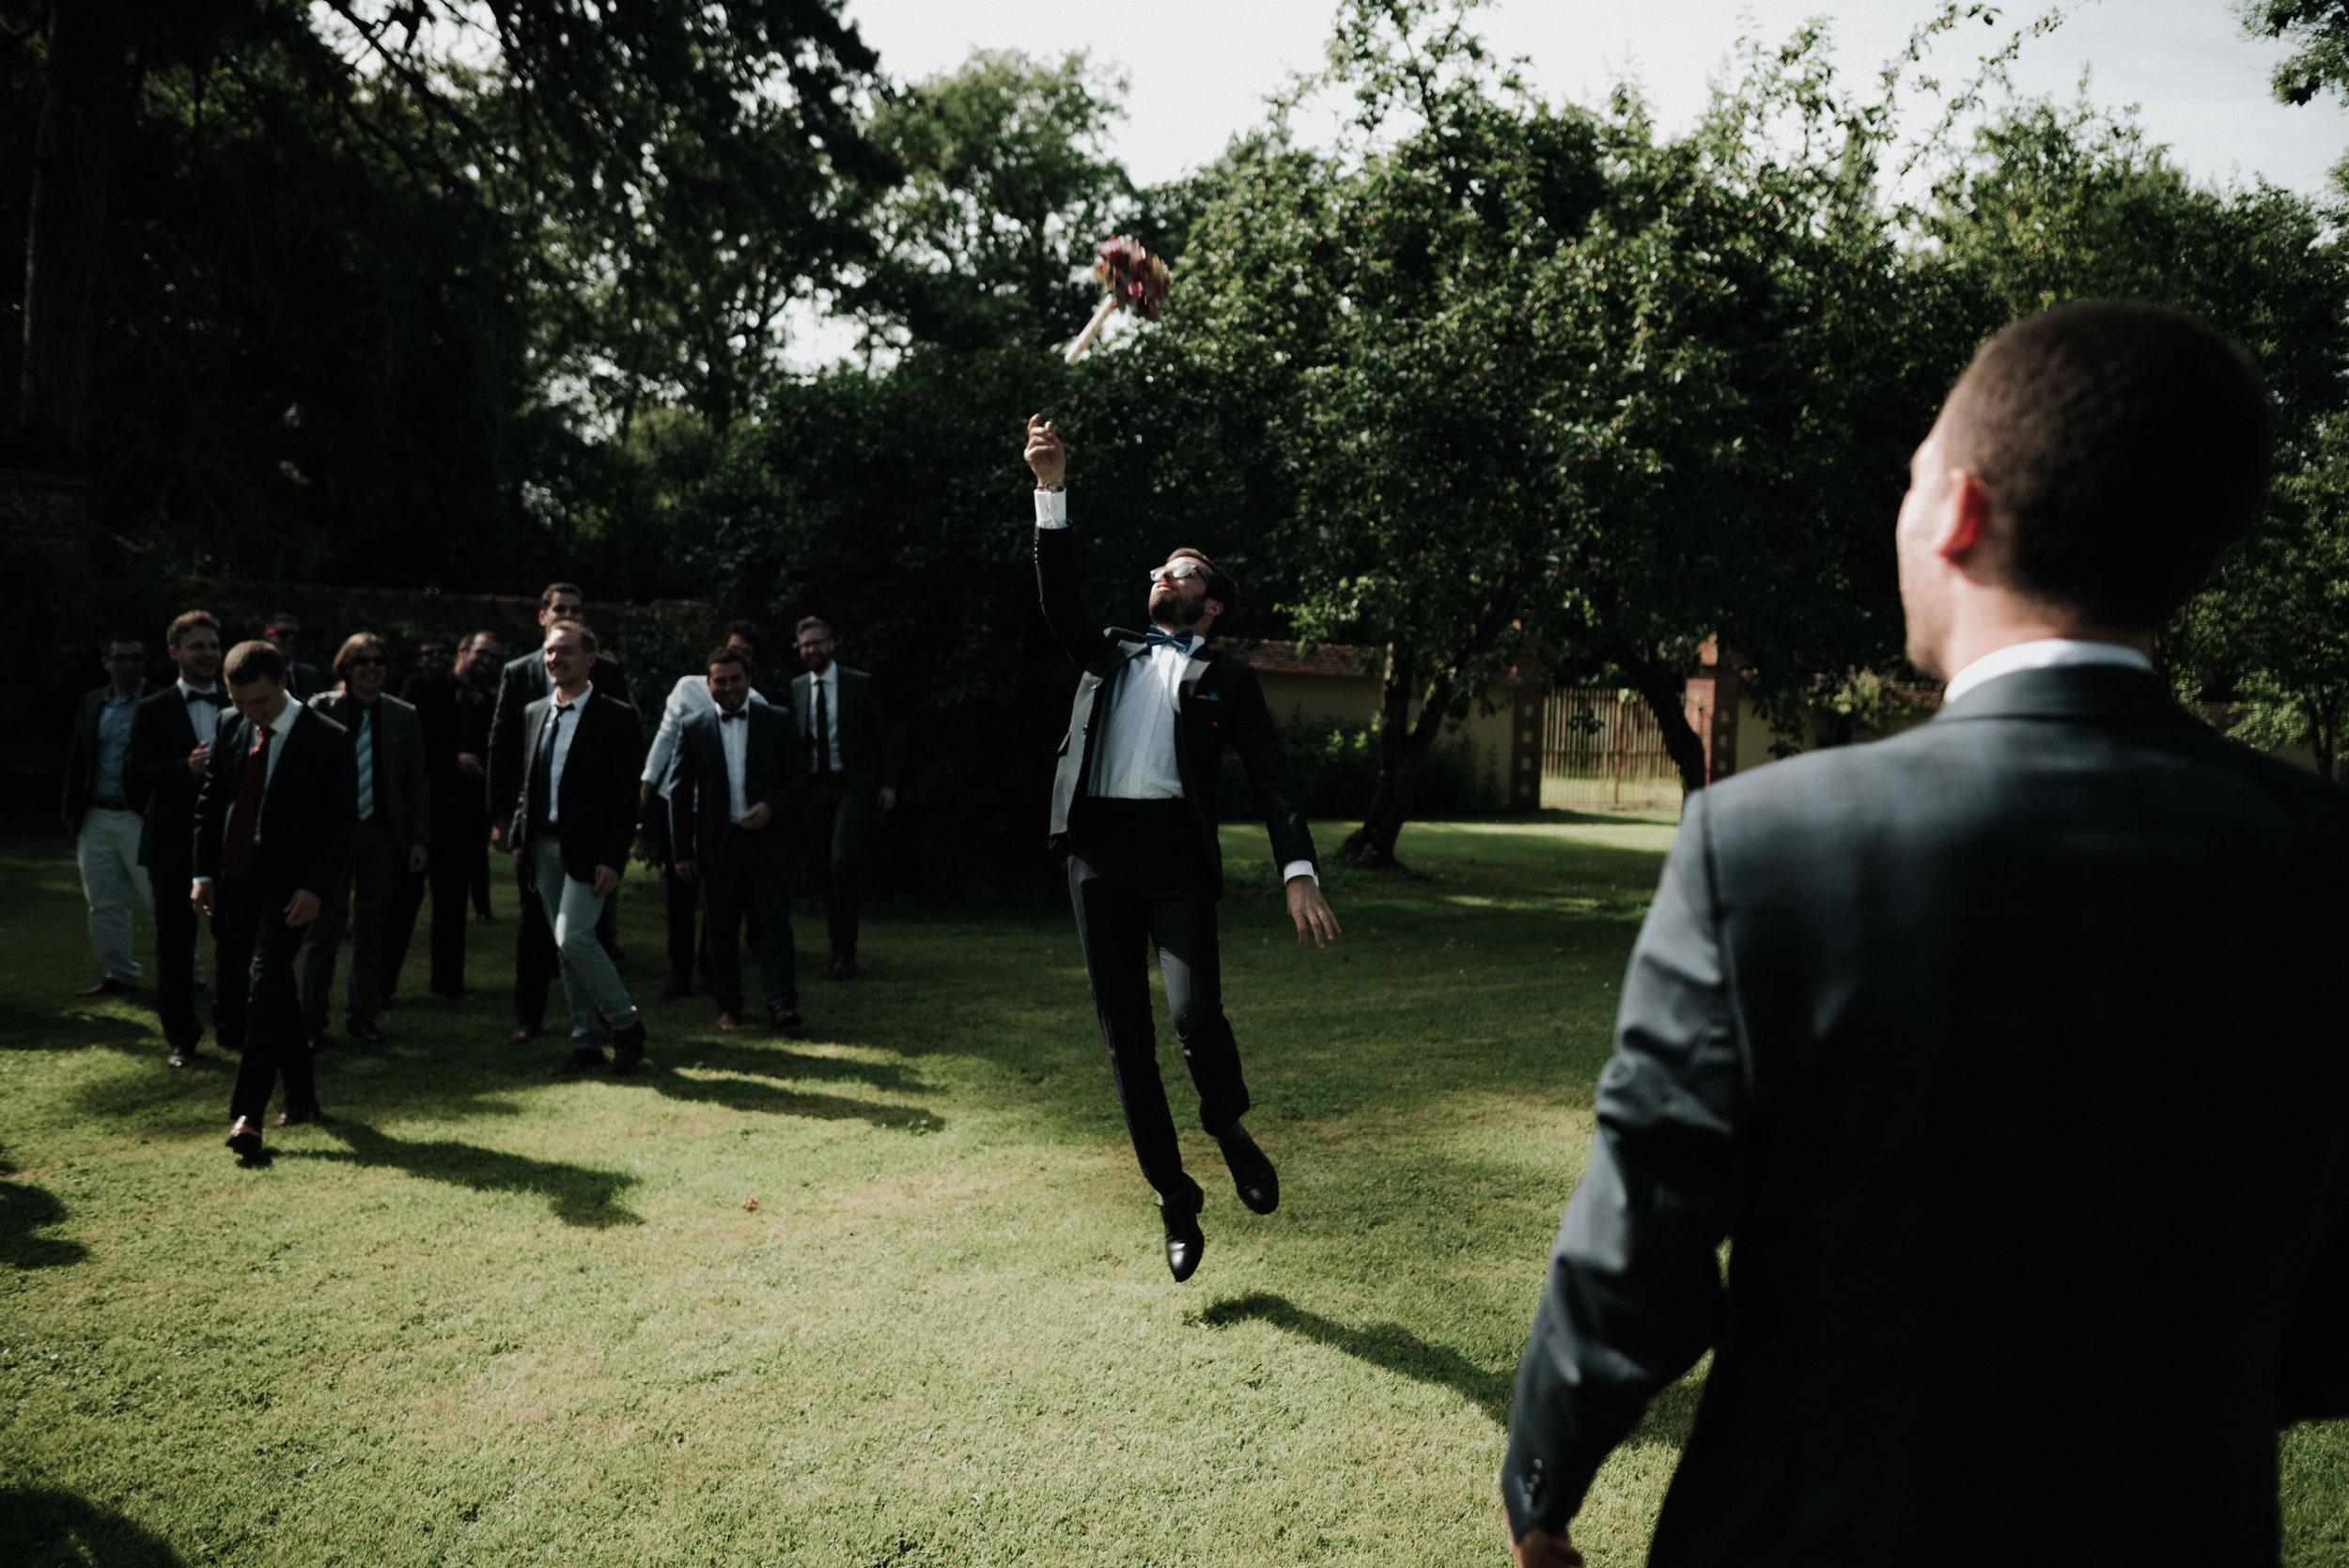 Léa-Fery-photographe-professionnel-lyon-rhone-alpes-portrait-creation-mariage-evenement-evenementiel-famille-2-165.jpg